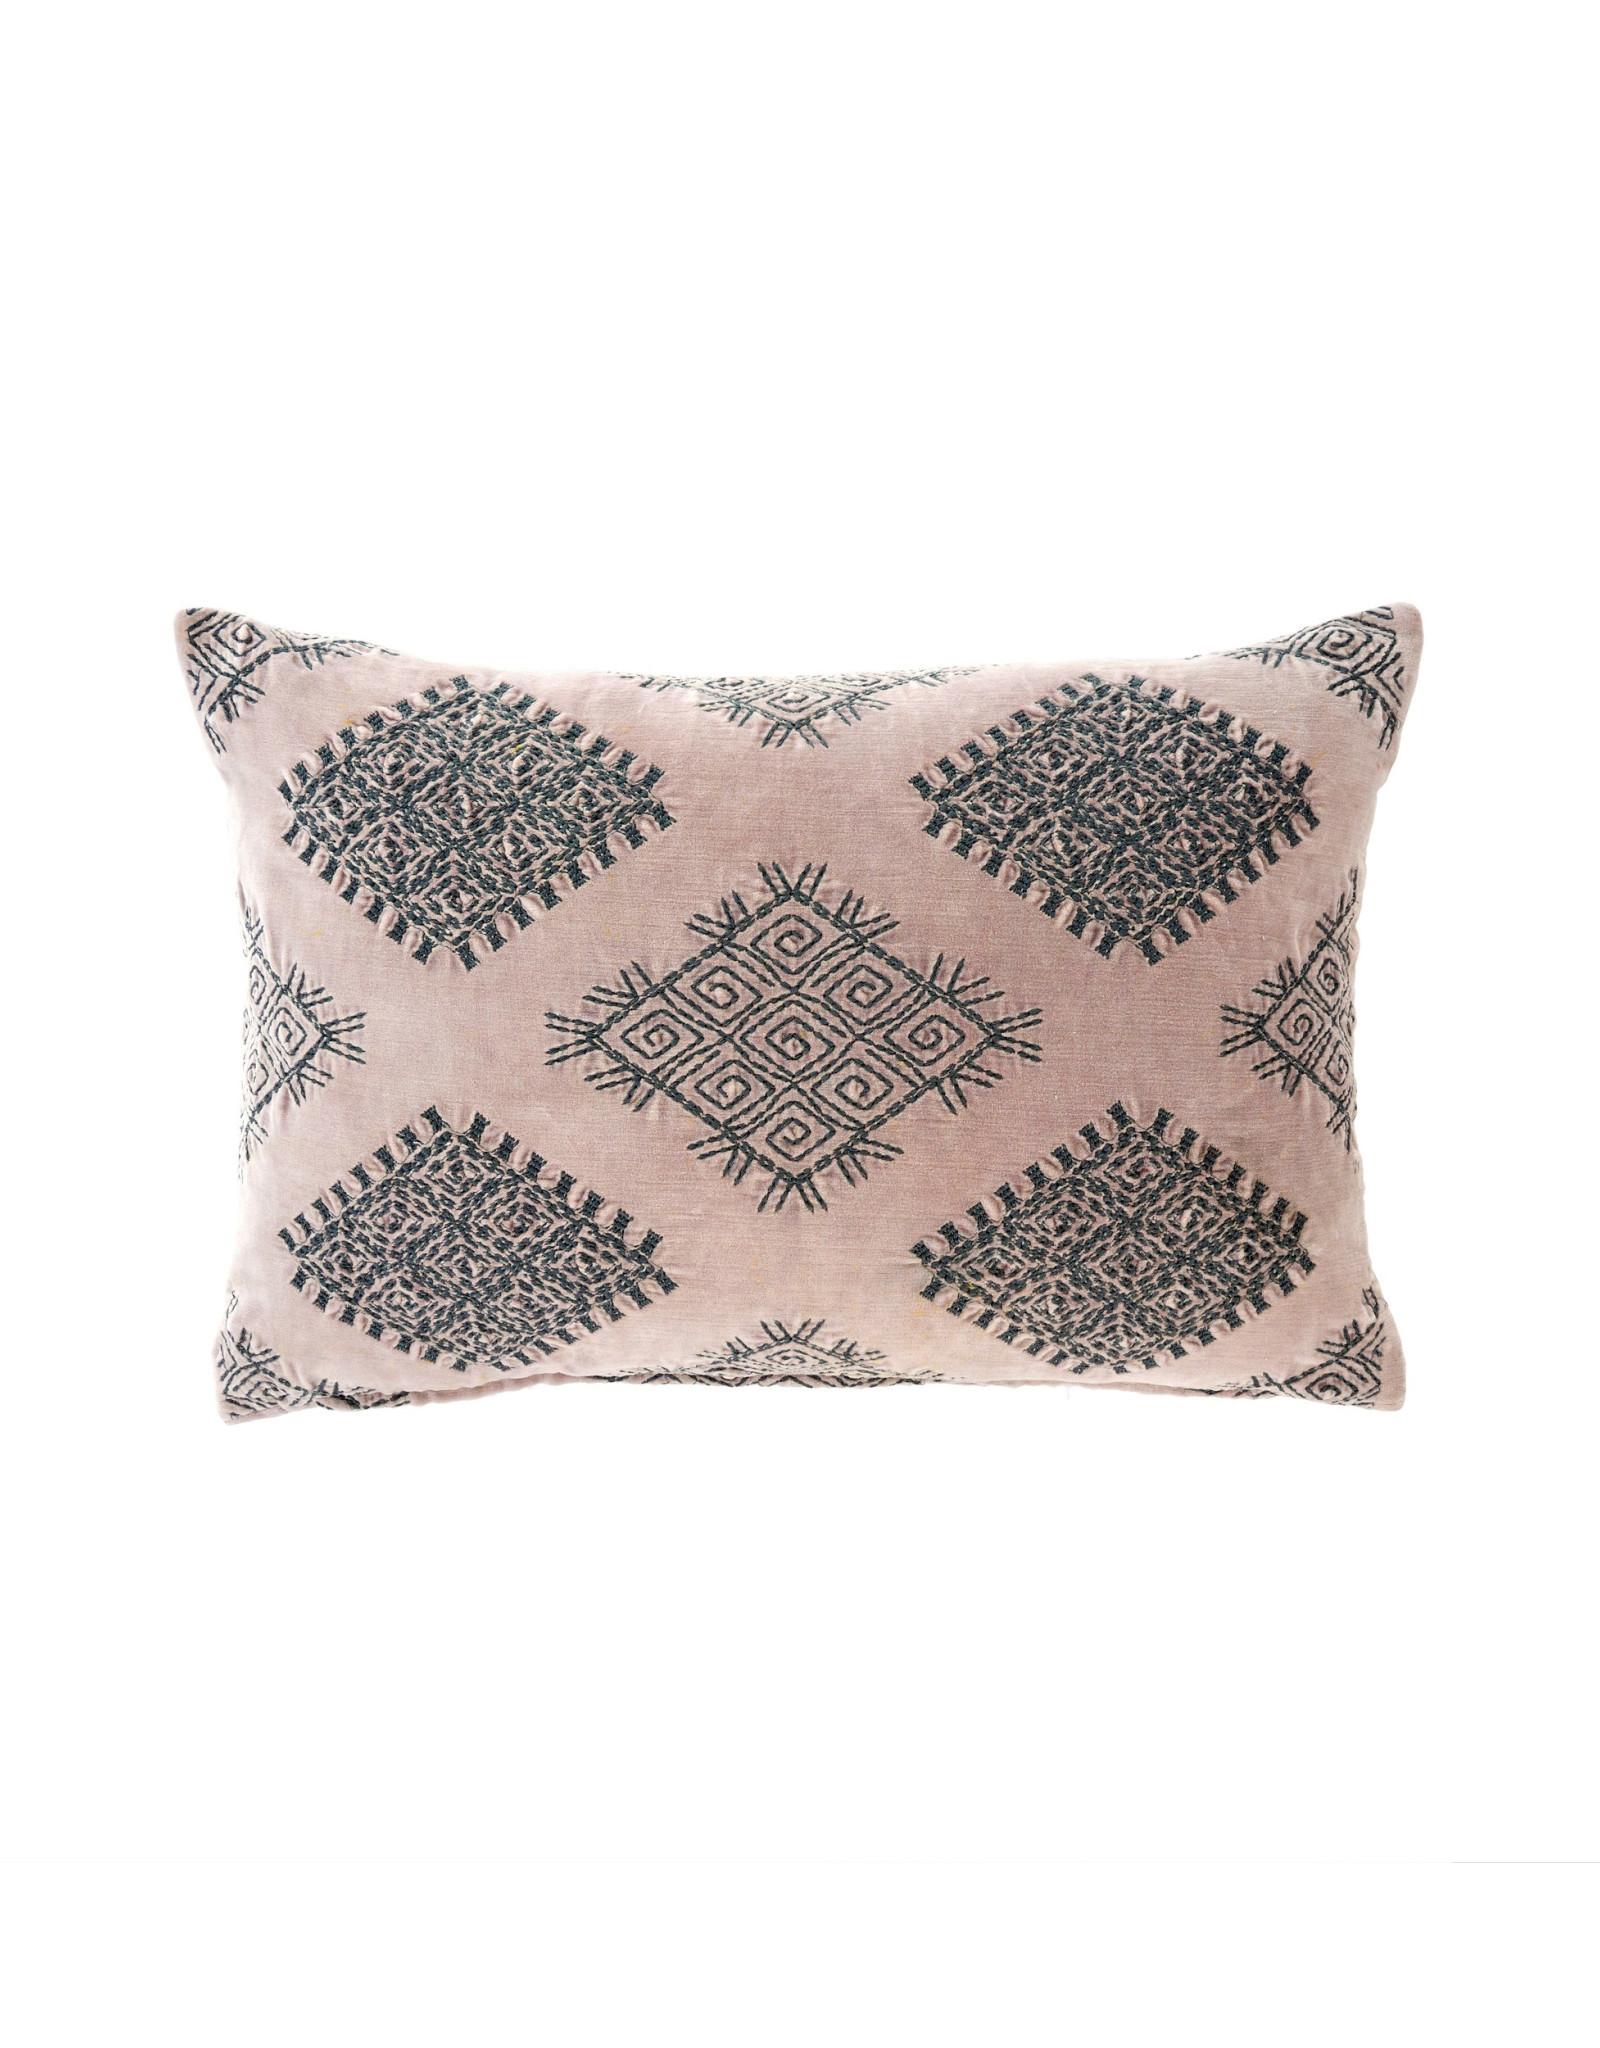 Indaba Vivi Velvet Pillow - Blush